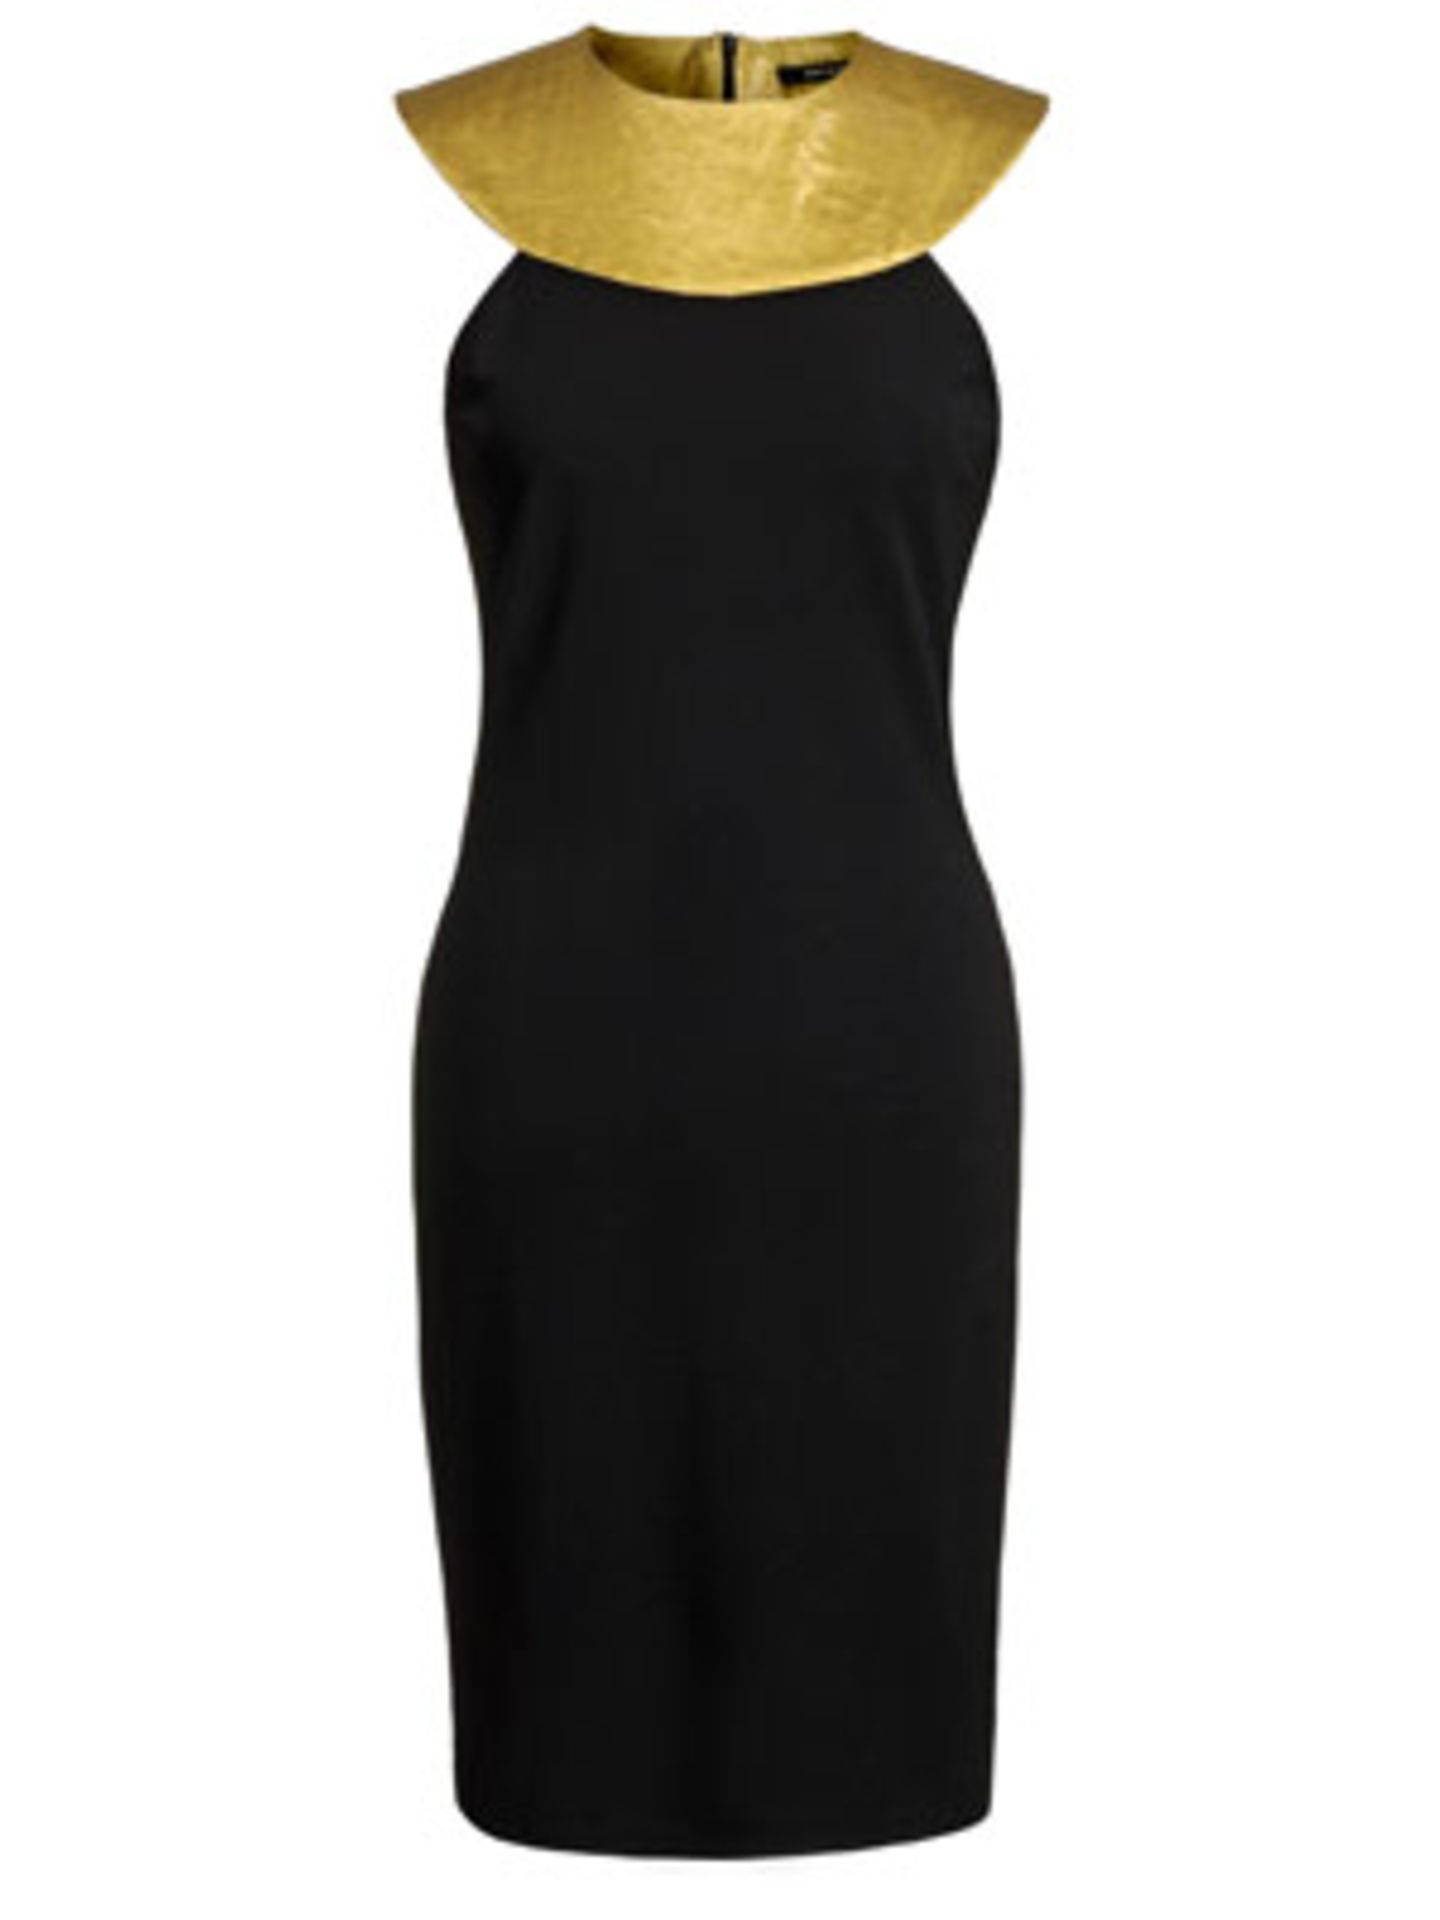 Langes, körperbetontes Kleid mit hohem Kragen in Gold von Osman Yousefzada für Mango, um 59,90 Euro.